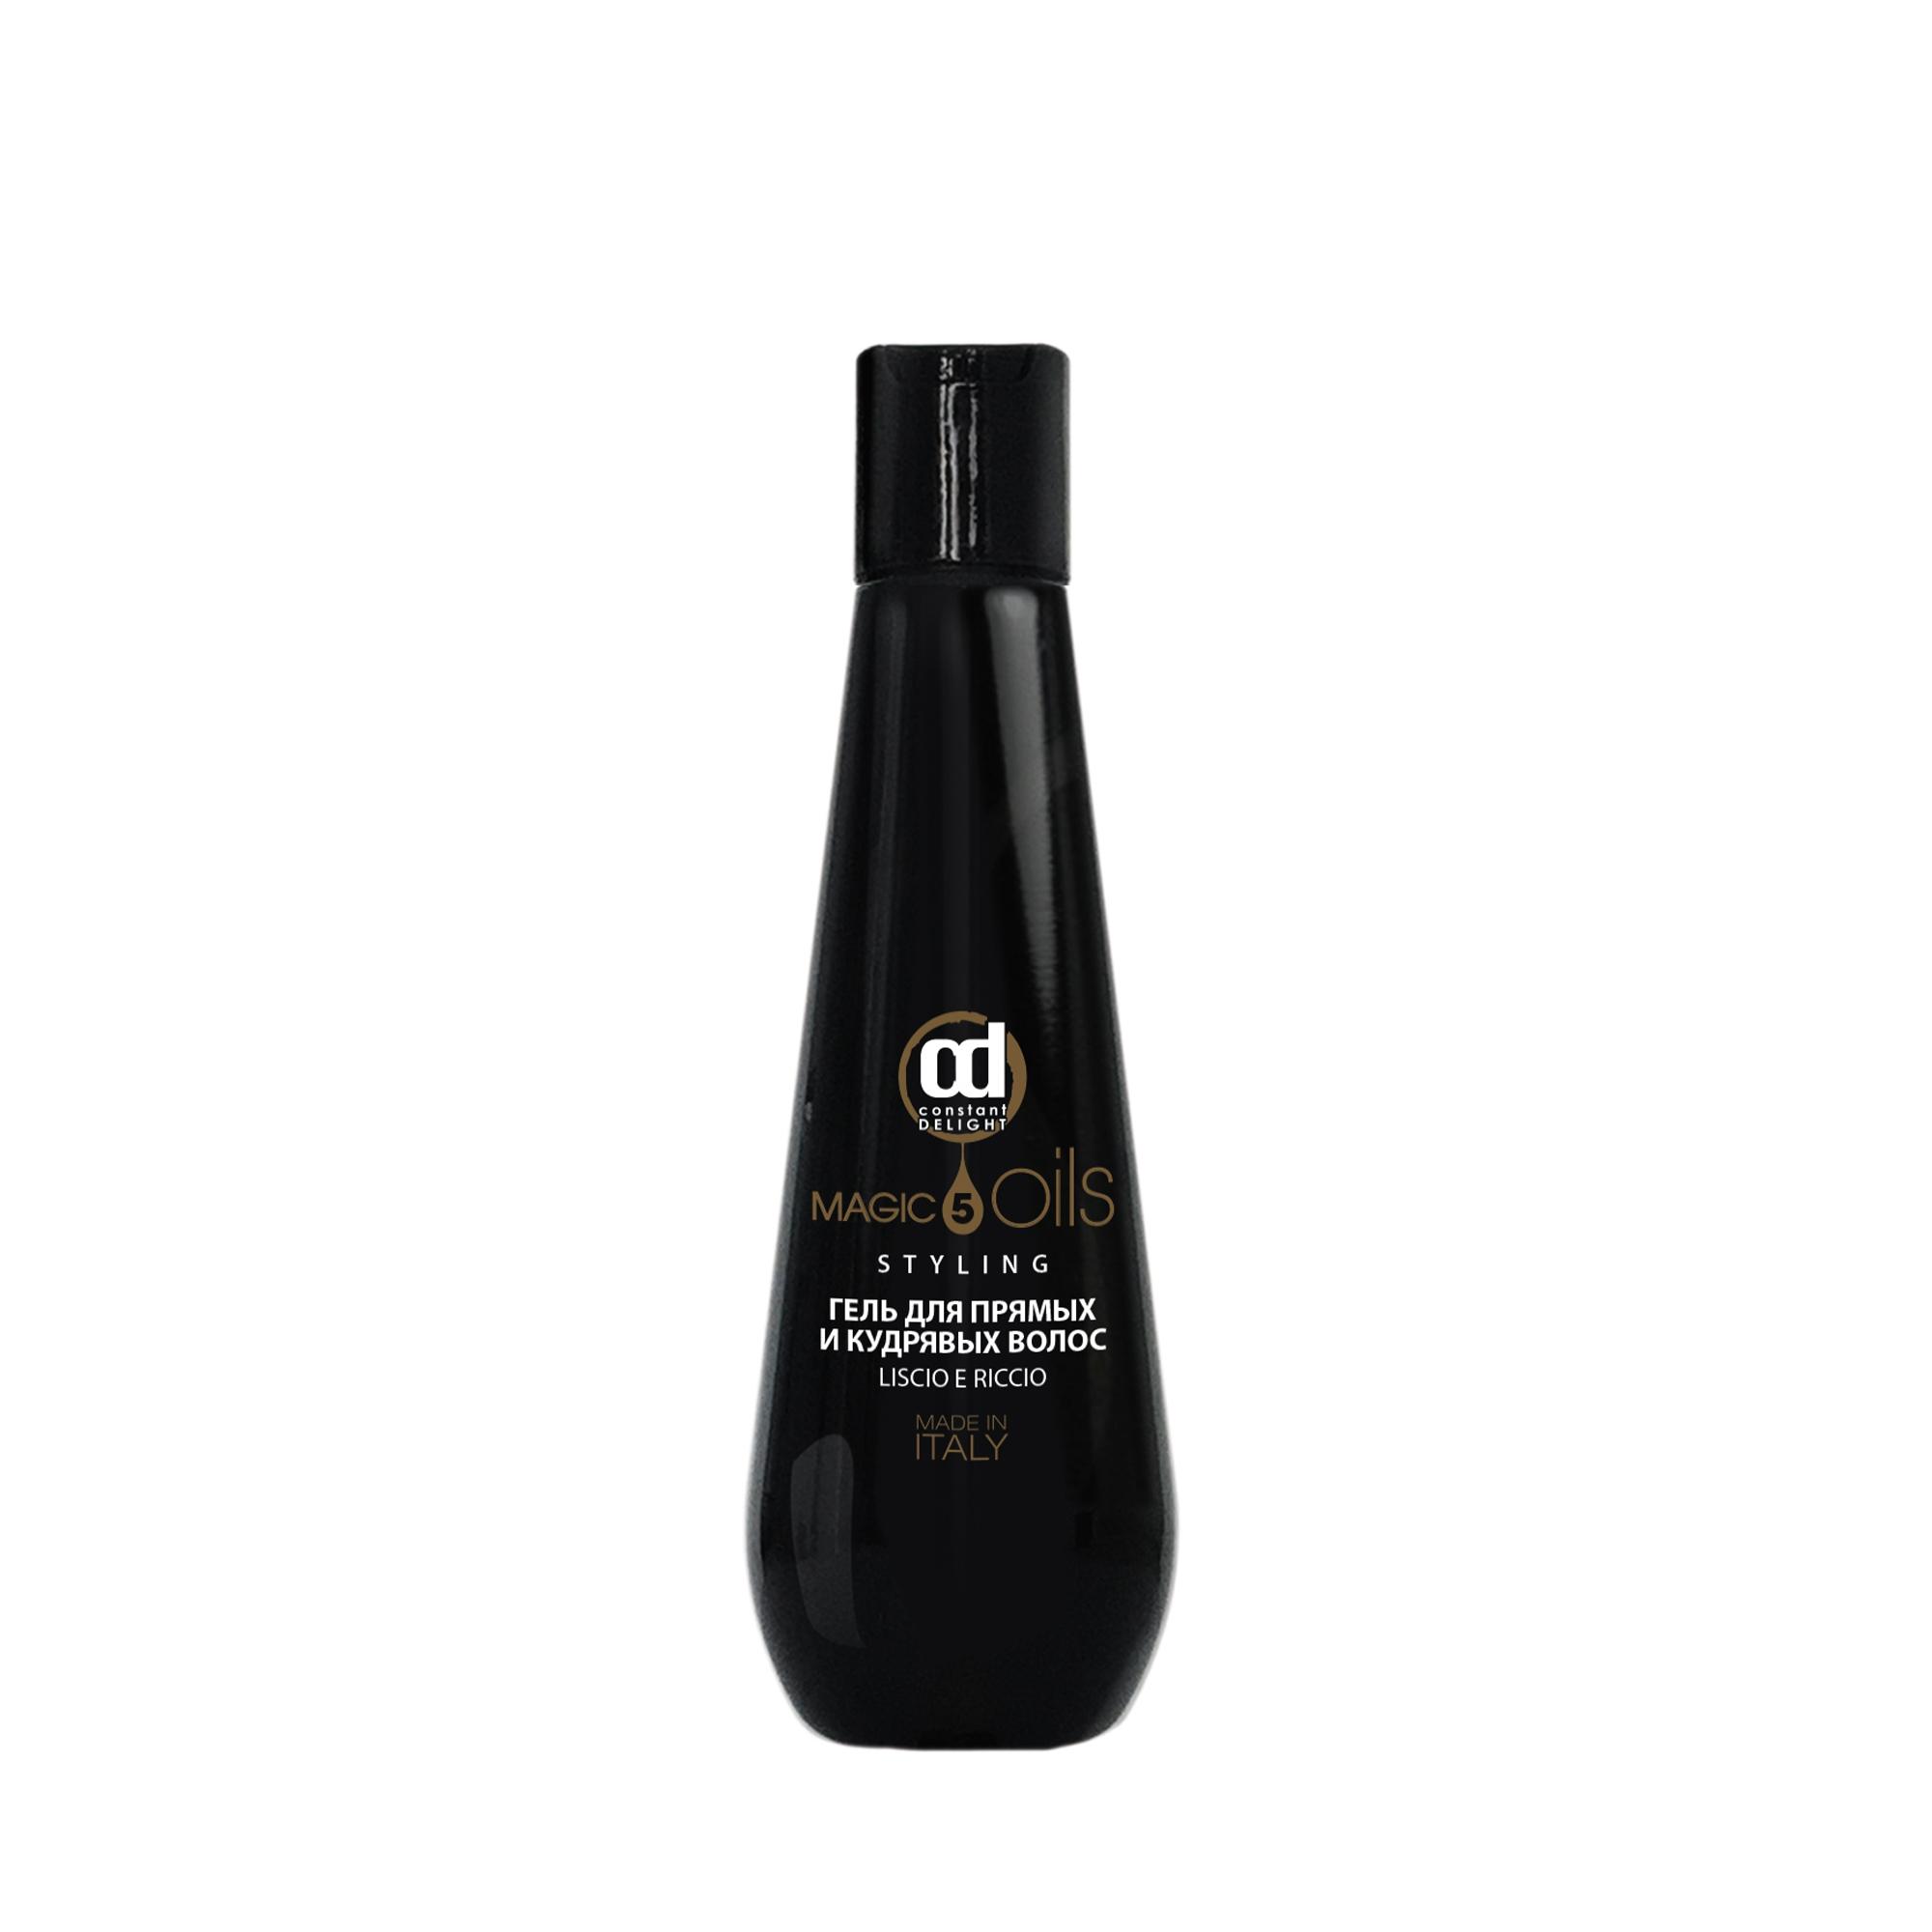 CONSTANT DELIGHT Гель для прямых и кудрявых волос / 5 Magic Oil 200 млГели<br>Гель представляет собой защитное укладочное средство, позволяющее увеличить плотность волос. Использование геля перед применением фена и утюжков гарантирует результат гладких и блестящих волос. Великолепно увлажняет кудрявые или волнистые волосы, делая их более упругими. Формула геля, состоящая из  5 Магических Масел : Макадамии, Хлопка, Жожоба, Авокадо, Арганы, увлажняет, питает и защищает структуру волос, возвращая им жизненную силу. Активные ингредиенты: масла Макадами, Хлопка, Жожоба, Авокадо и Арганы. Способ применения: до начала укладки равномерно нанести средство на чистые, подсушенные полотенцем волосы.<br><br>Типы волос: Для всех типов